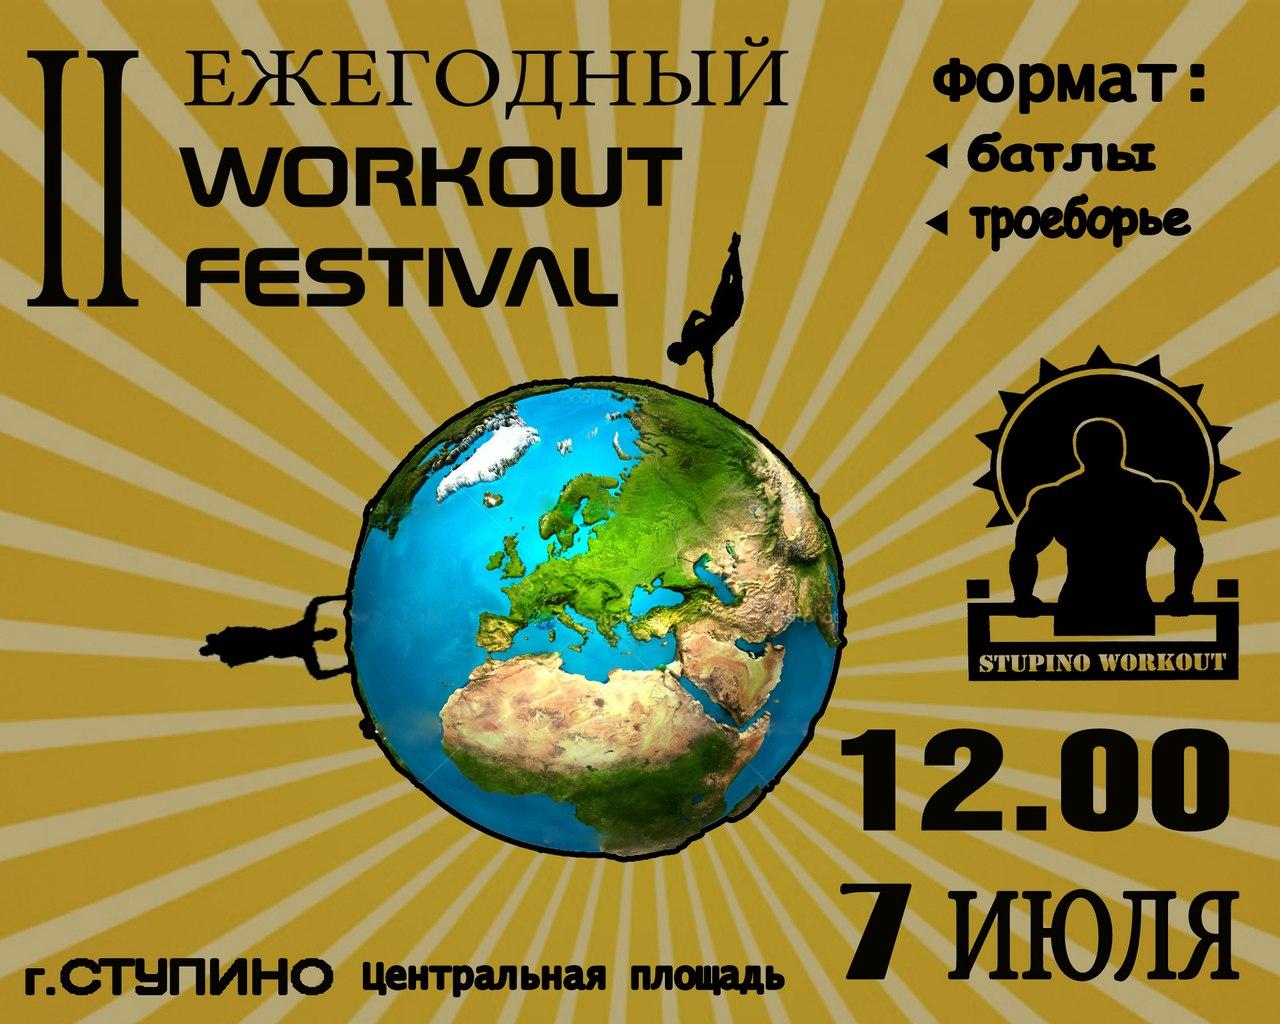 2ой Ежегодный Воркаут Фестиваль в Ступино